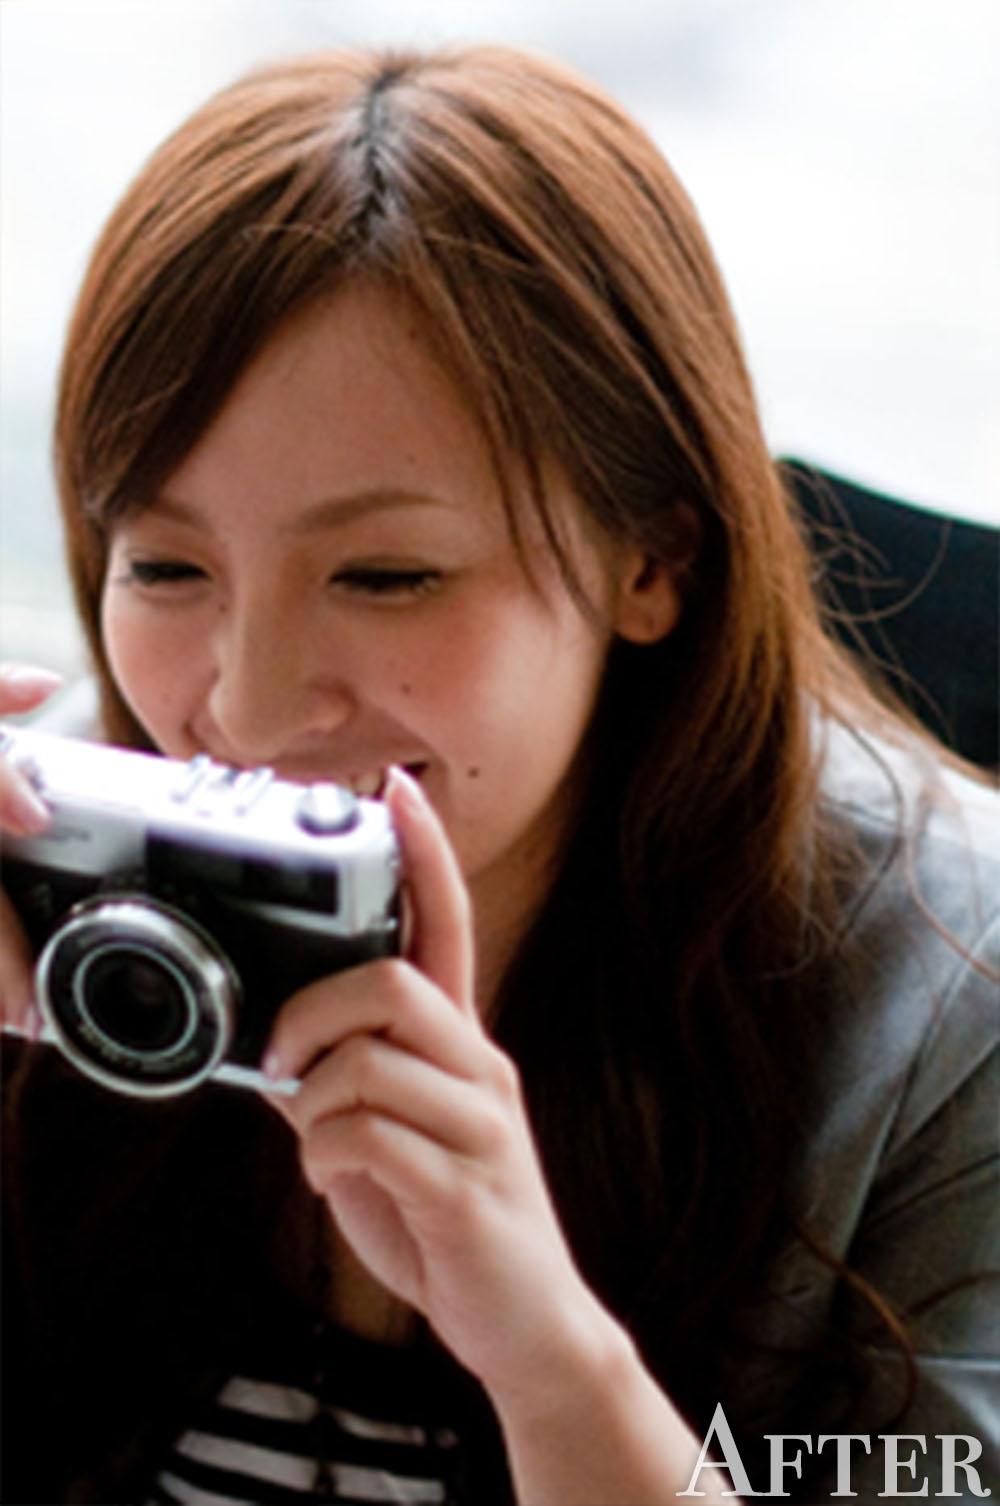 カメラを持った女性クローズアップ